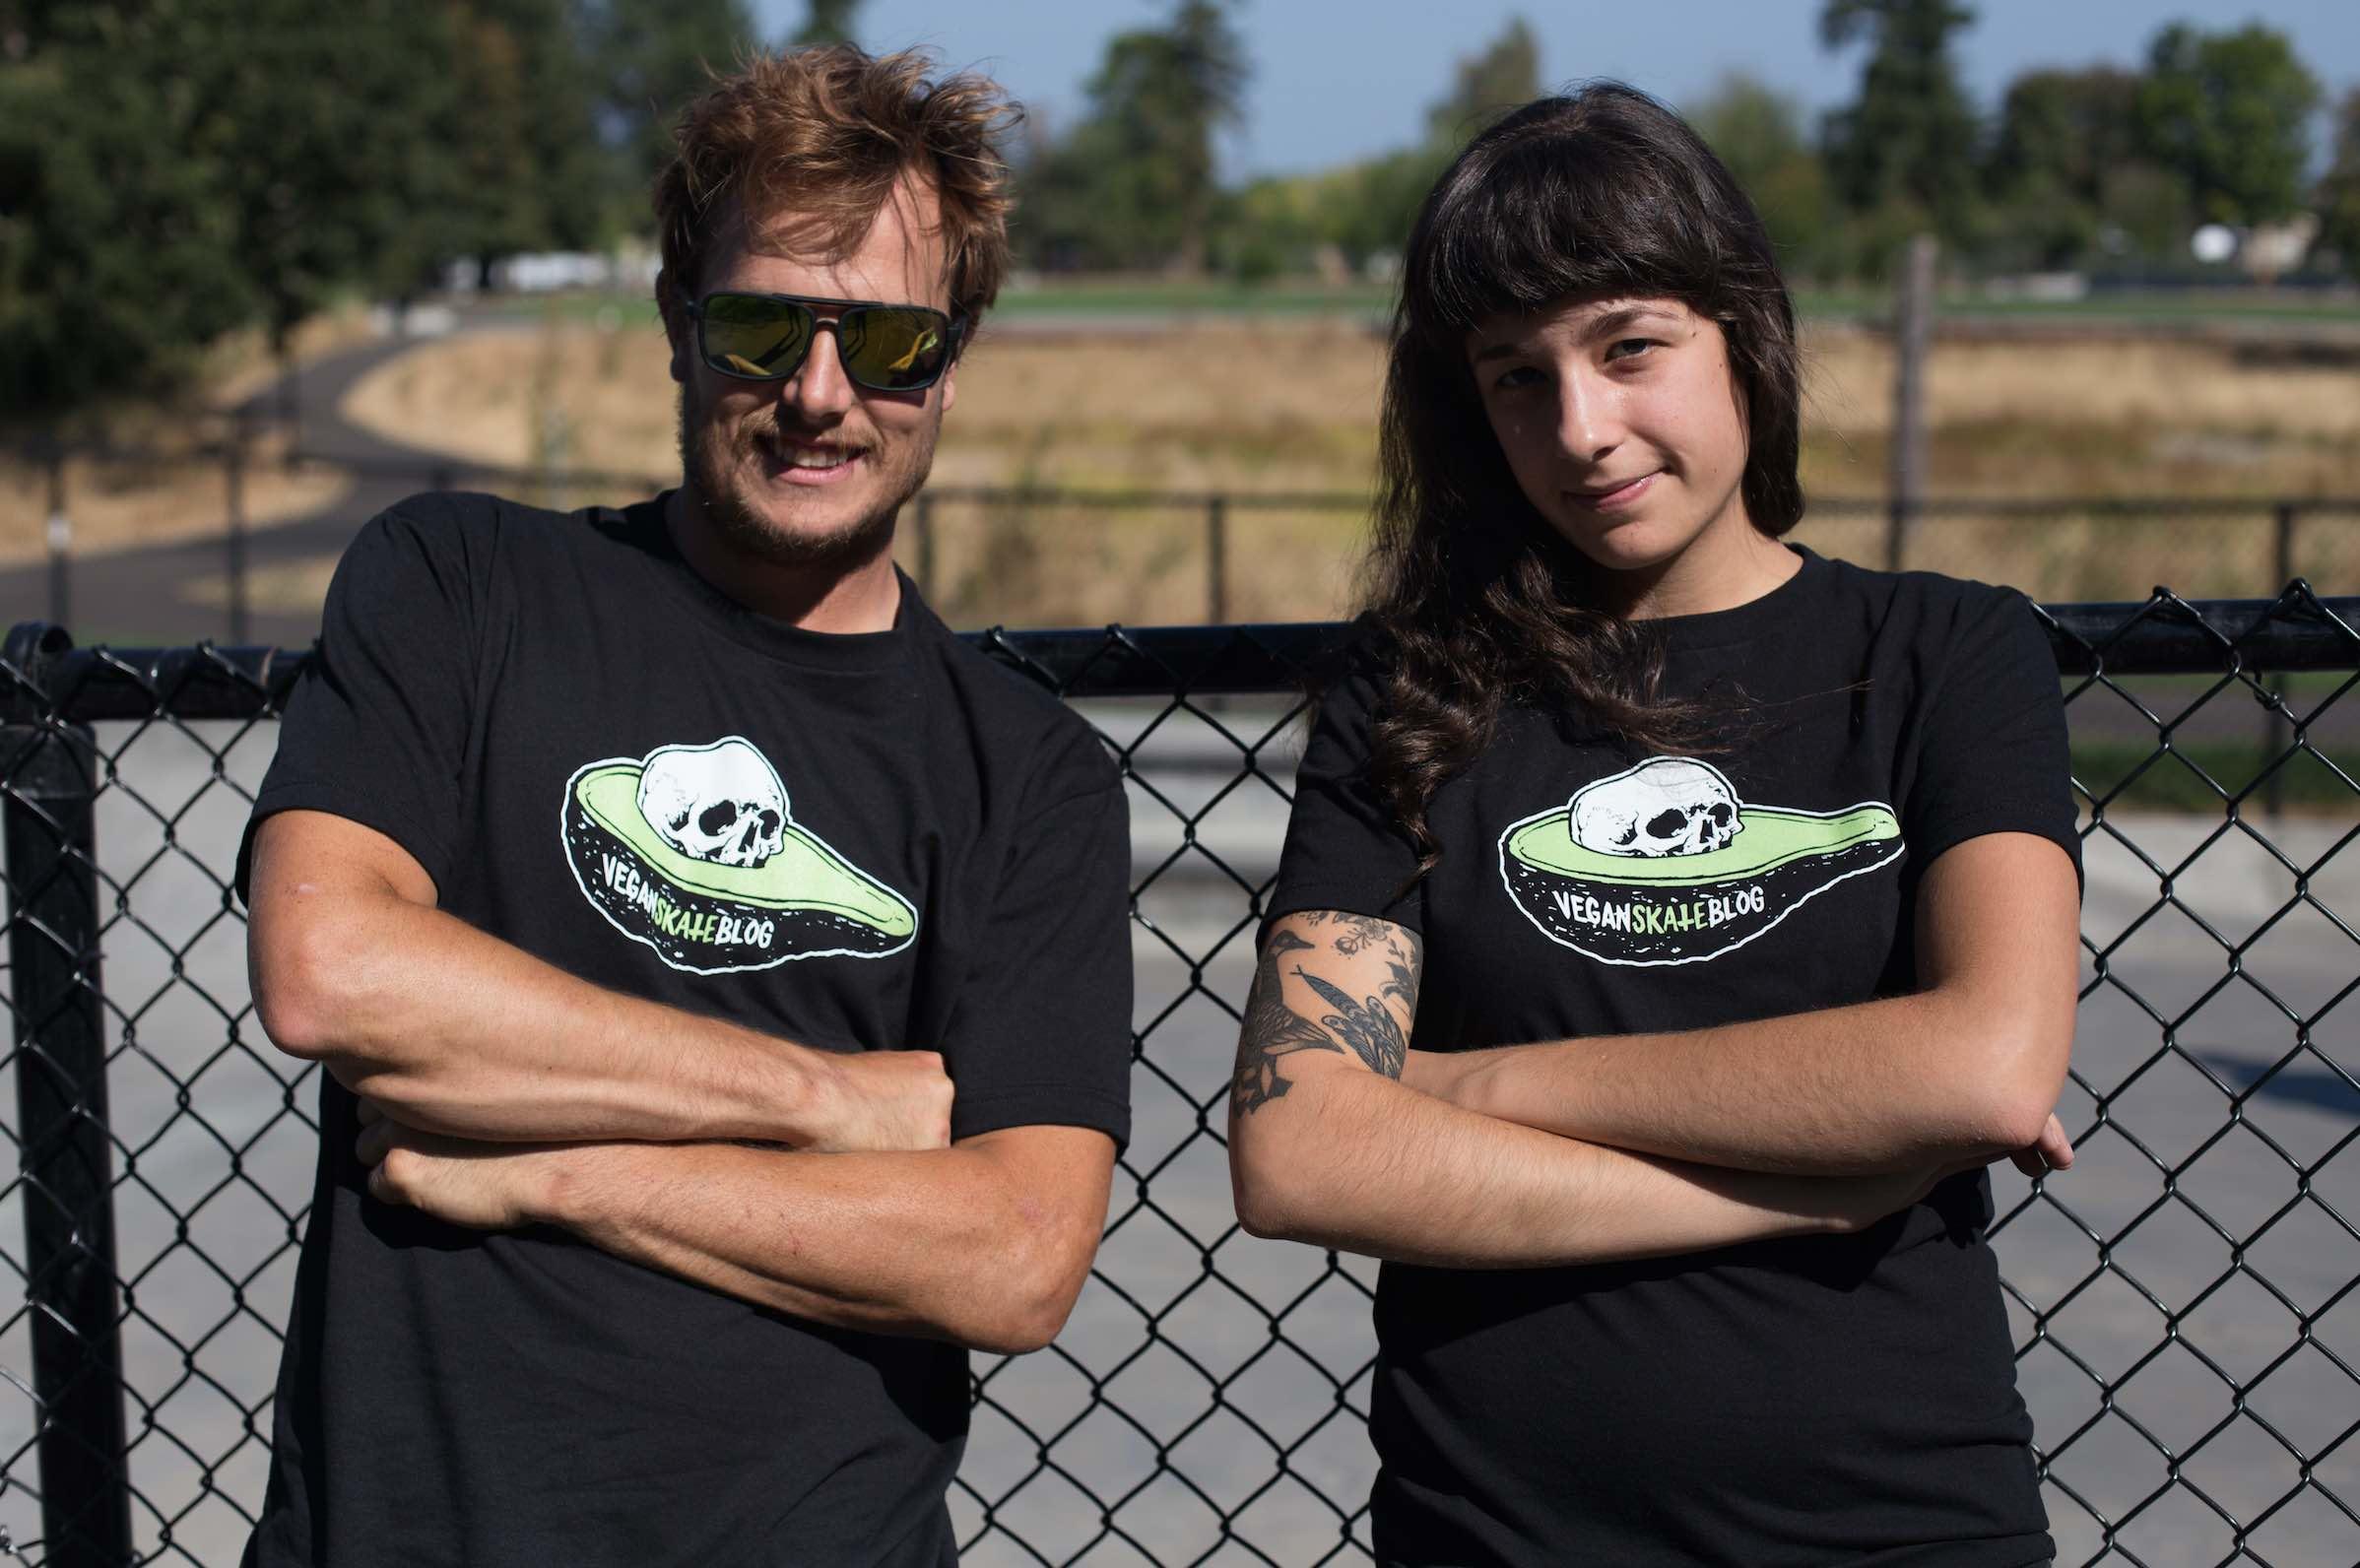 ethical clothing union made fashion vegan sweatshop-free